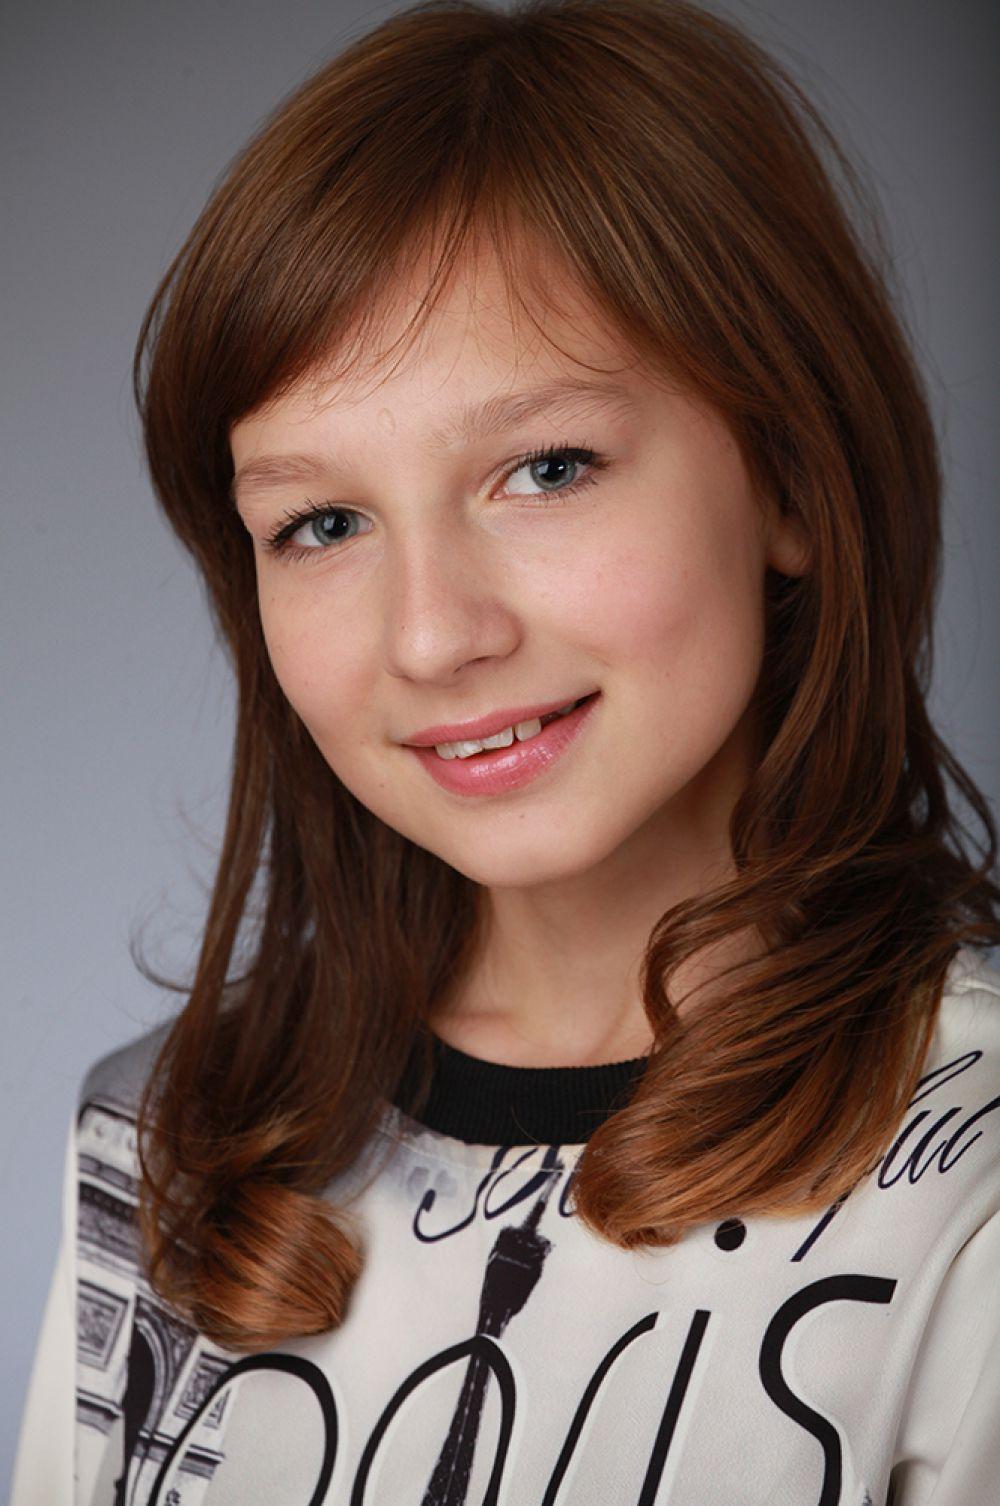 Злата Печенкина, 12 лет, 6-ой конкурс красоты и талантов «Юная Мисс Вятка-2016».